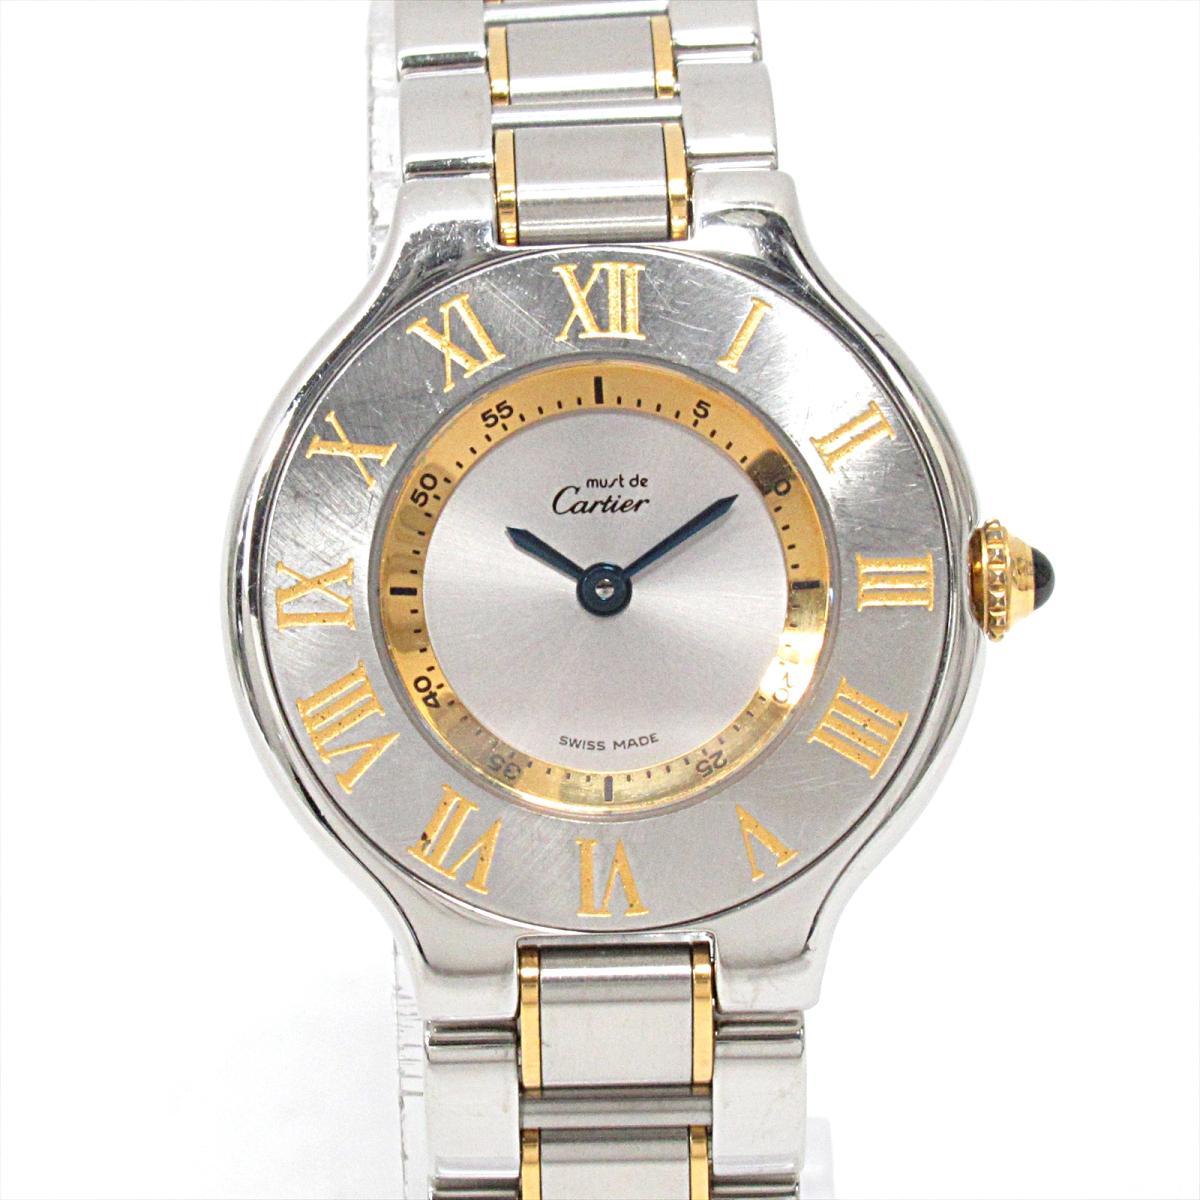 【中古】 カルティエ マスト21 腕時計 ウォッチ レディース ステンレススチール (SS) x GP | Cartier BRANDOFF ブランドオフ ブランド ブランド時計 ブランド腕時計 時計